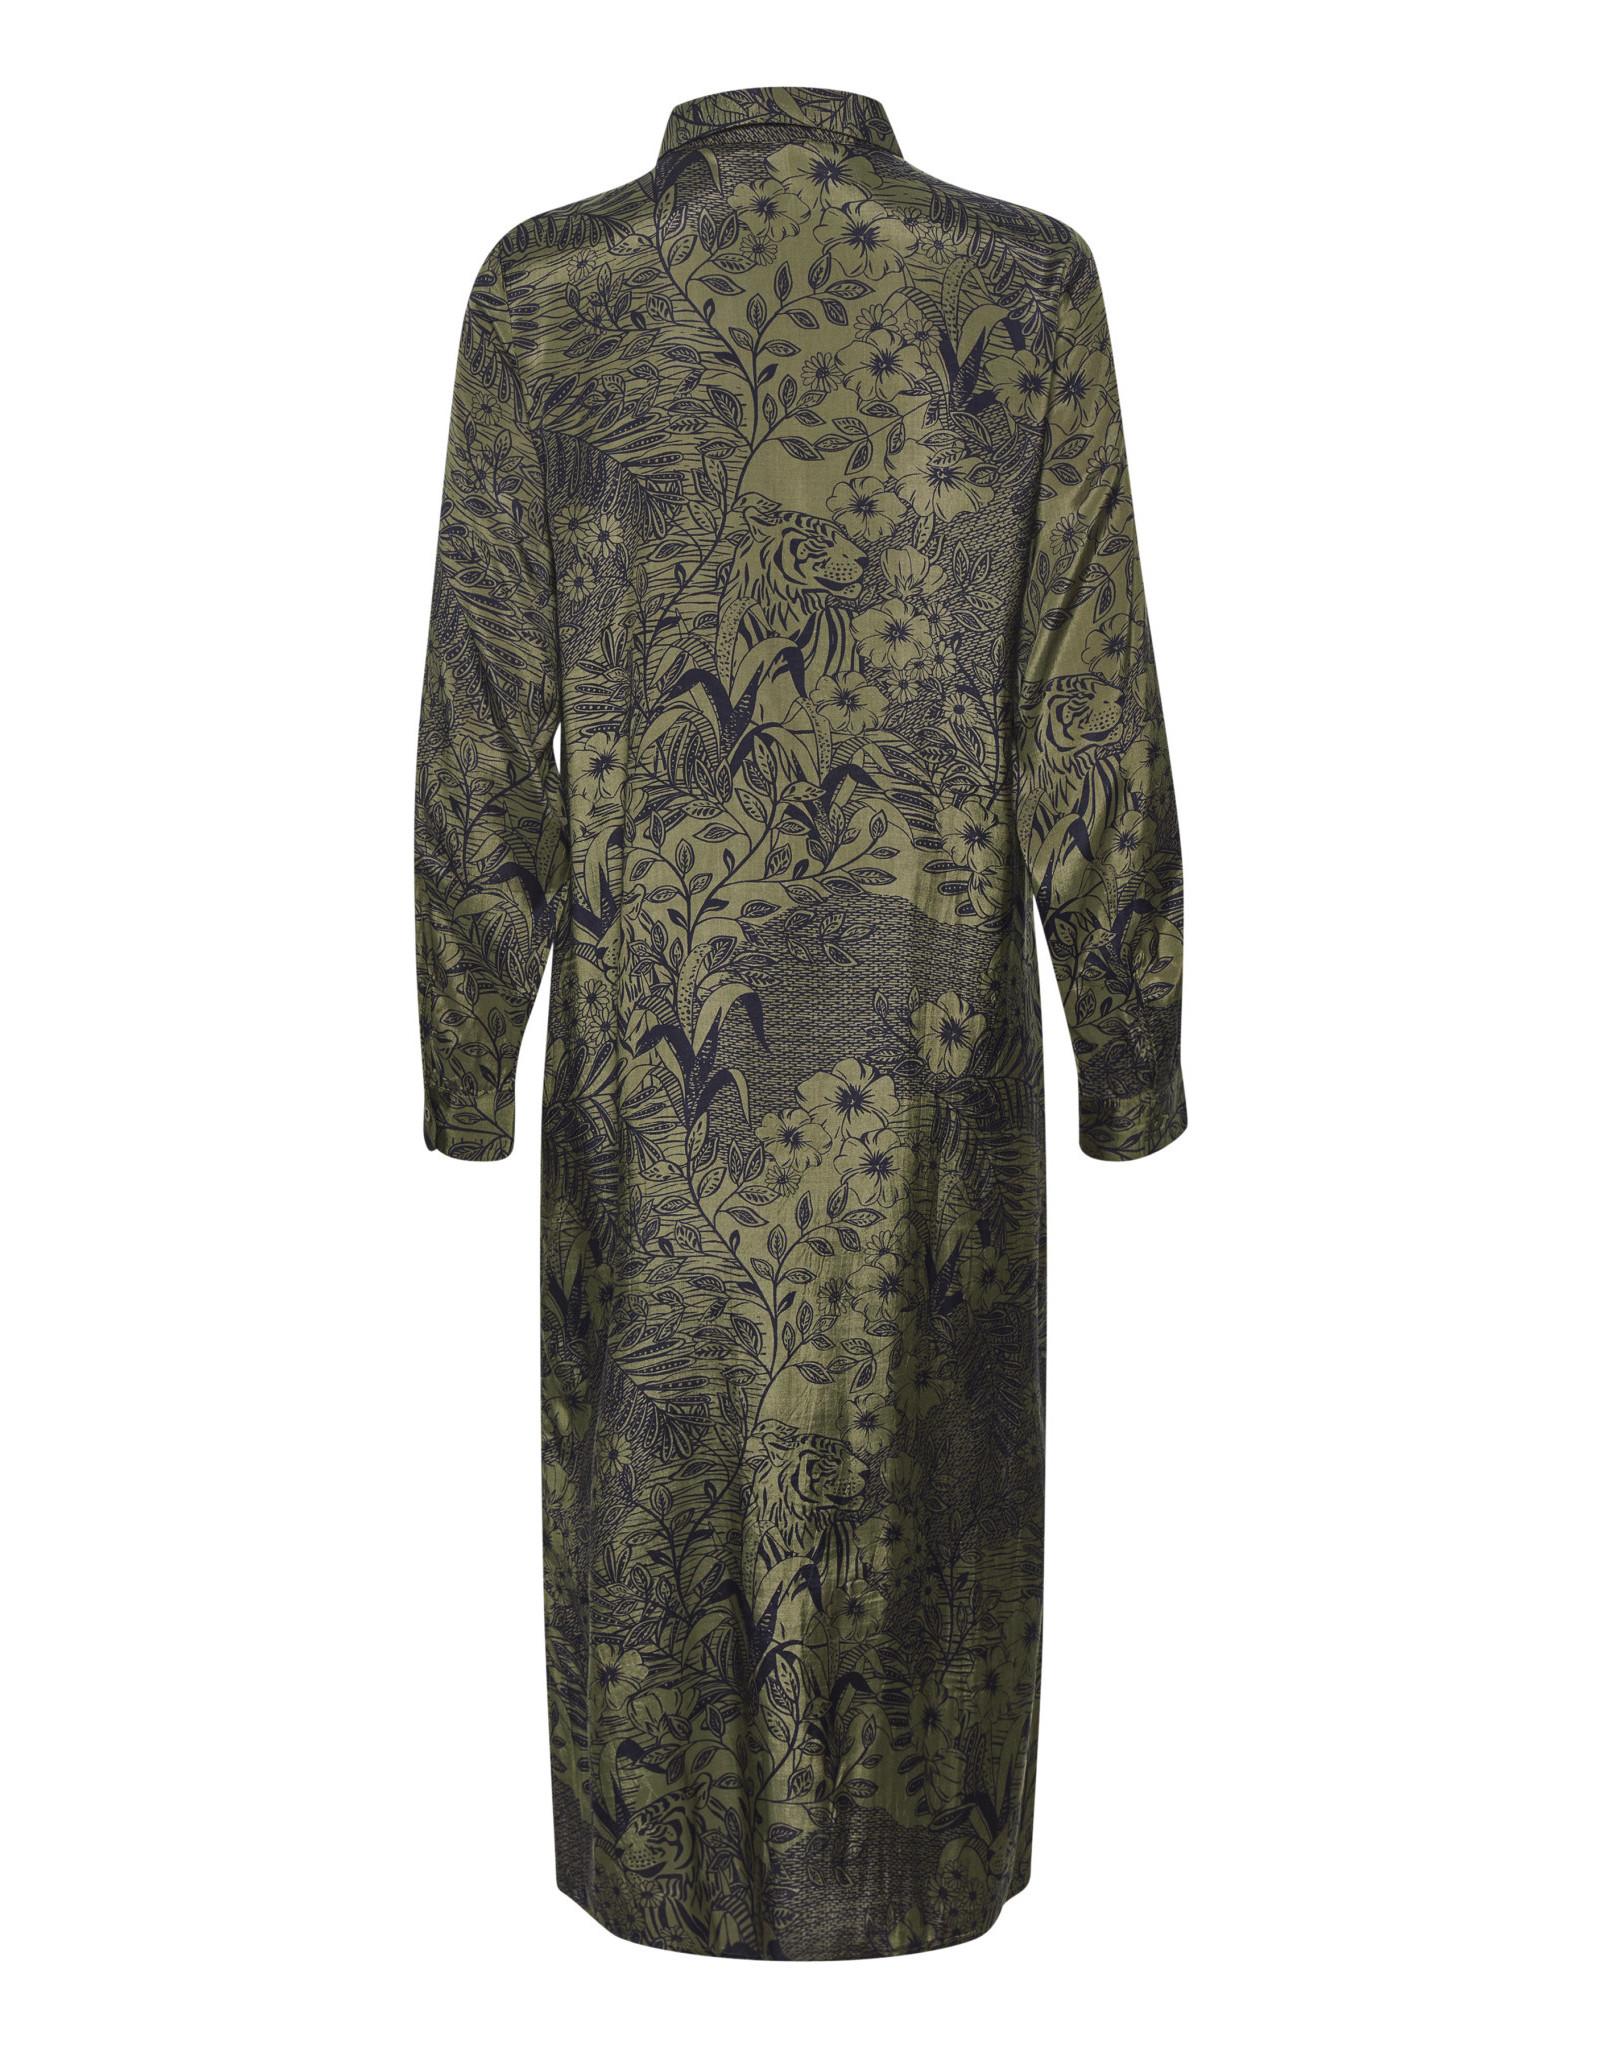 Kaffe Kaffe KAmonna shirt dress - Grape leaf flower 10504453